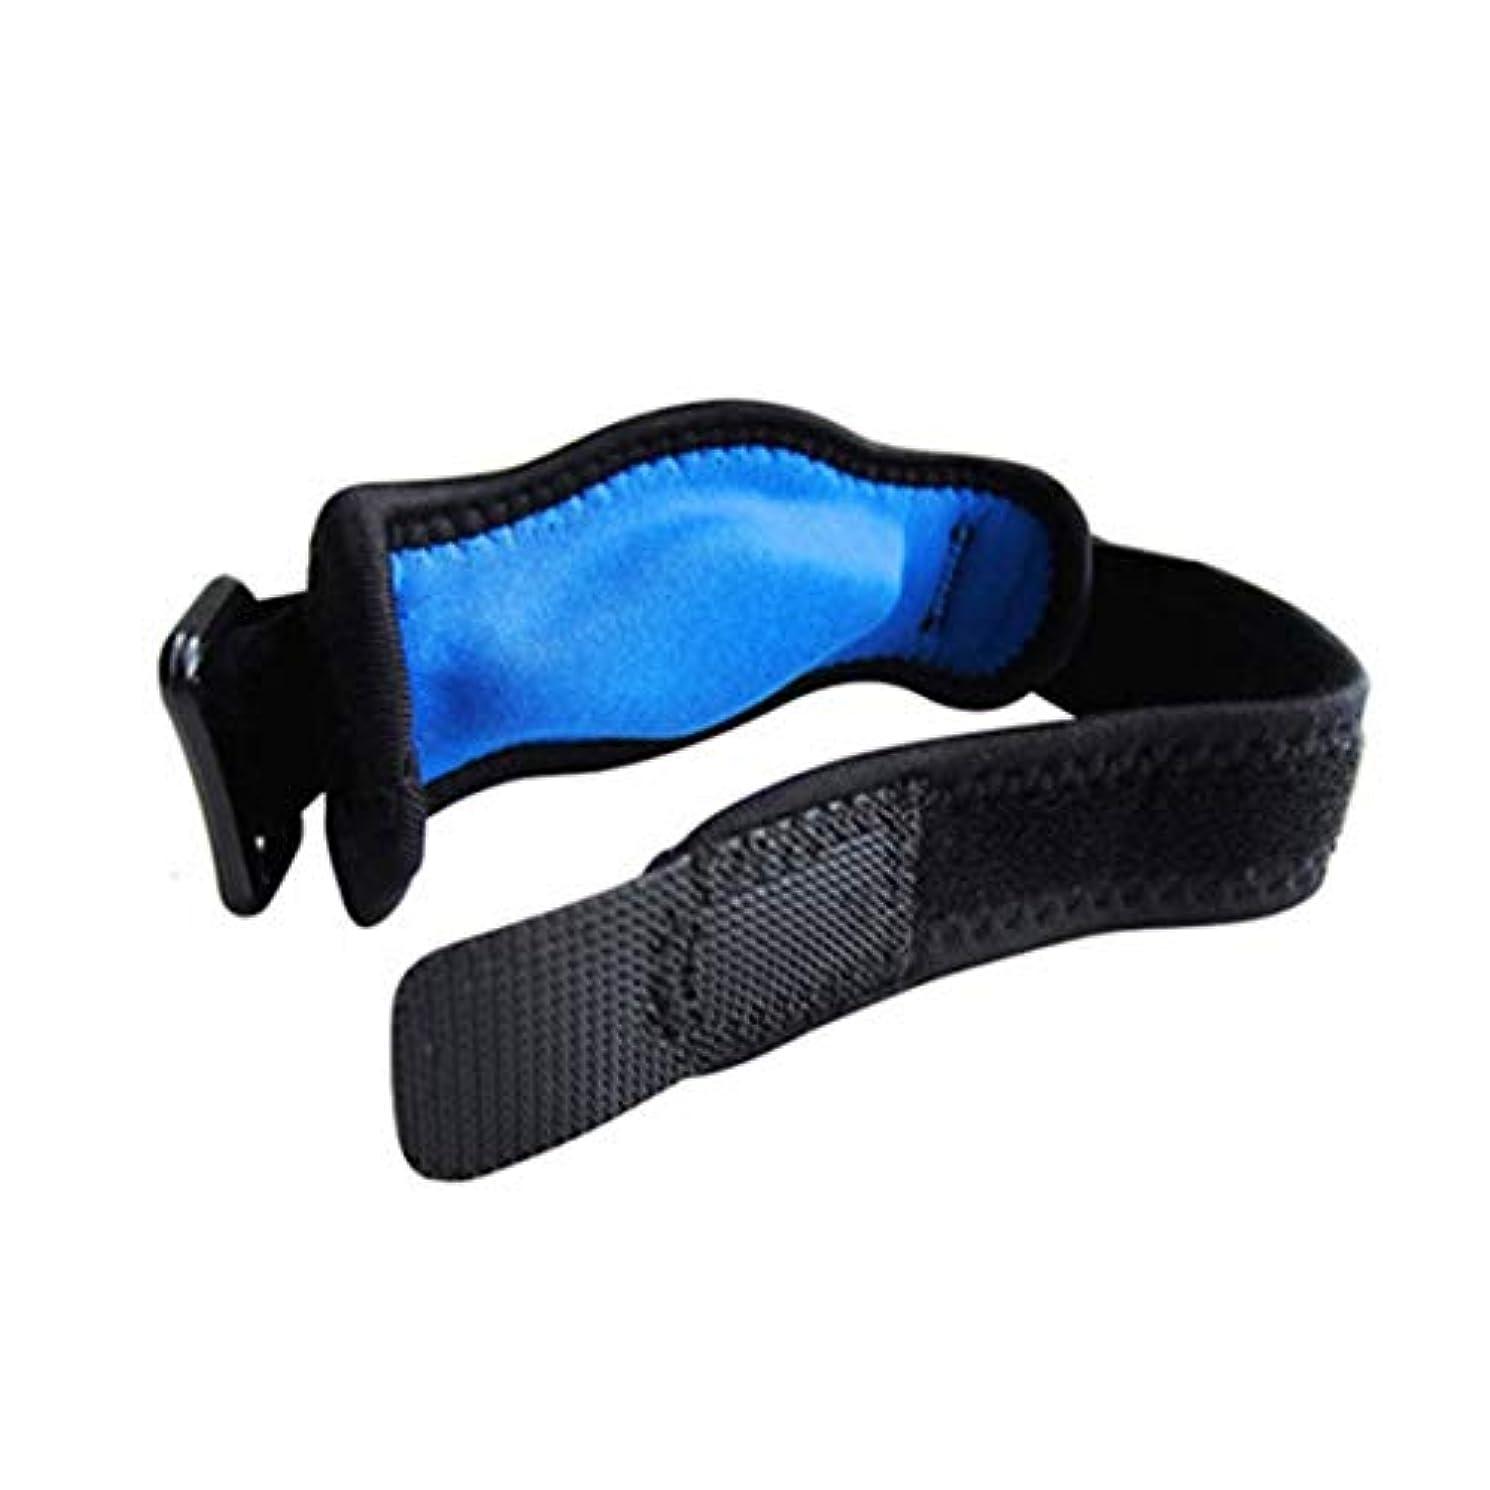 疑い者標準送る調節可能なテニス肘サポートストラップブレースゴルフ前腕痛み緩和 - 黒